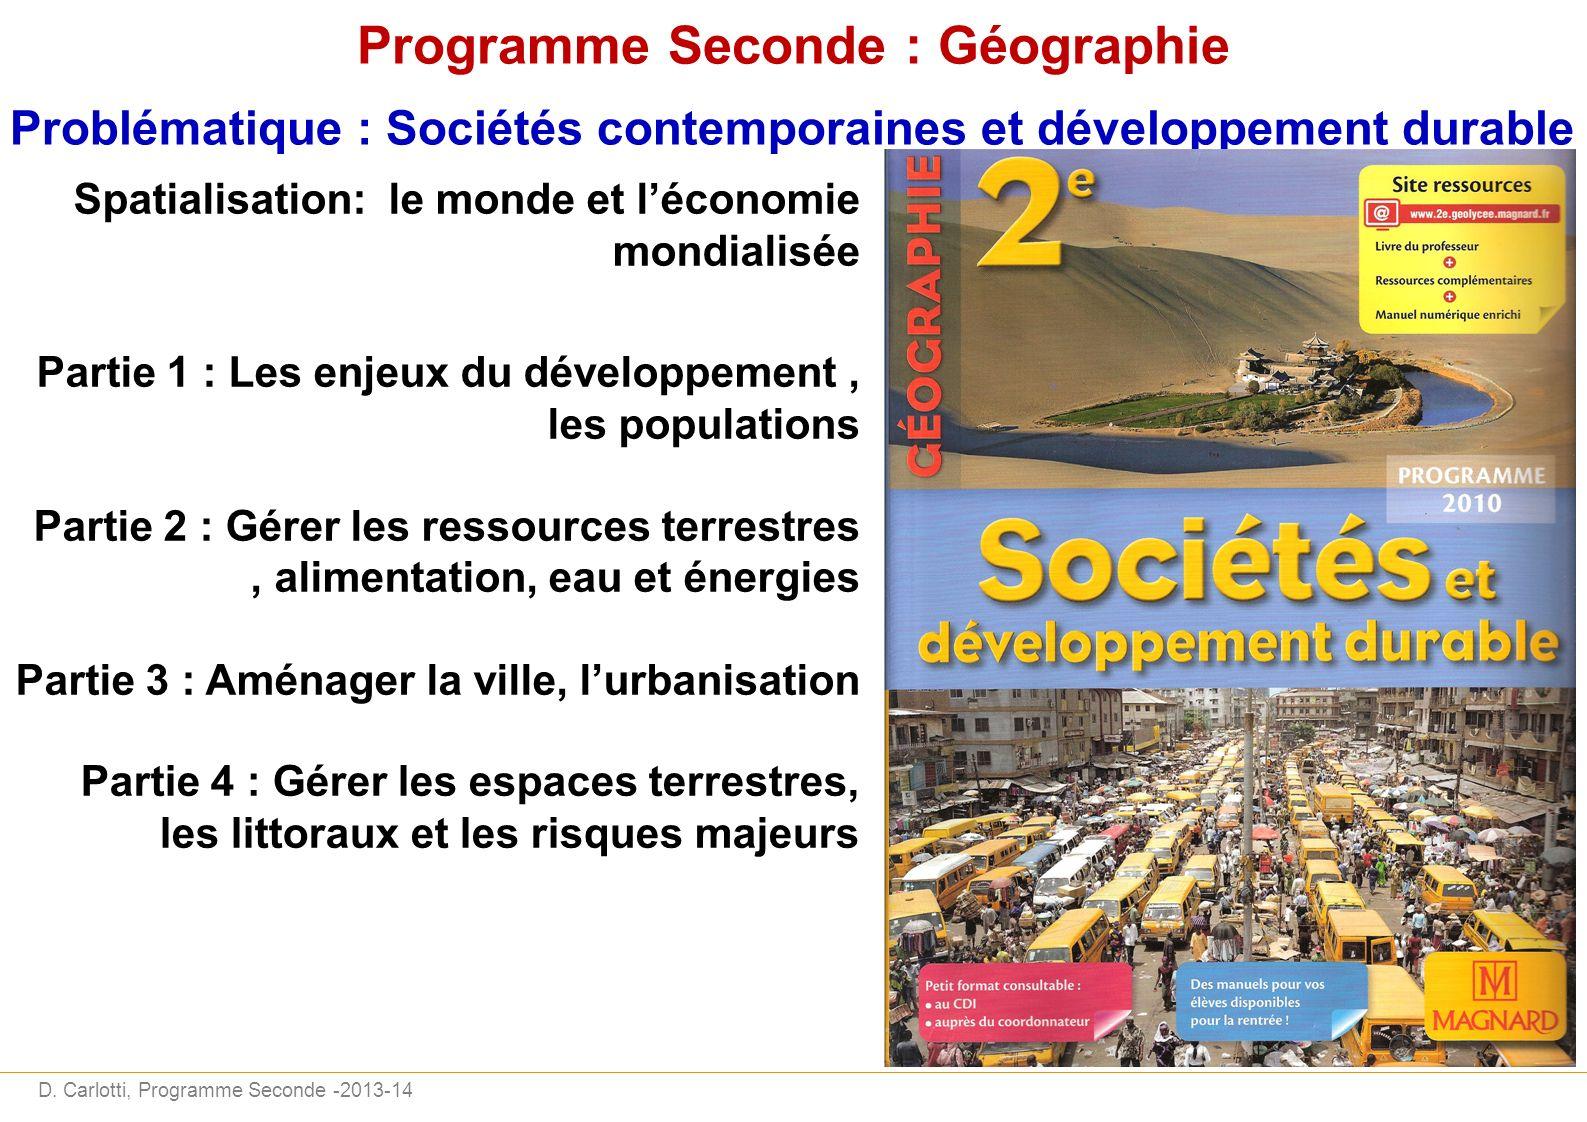 Programme Seconde : Géographie